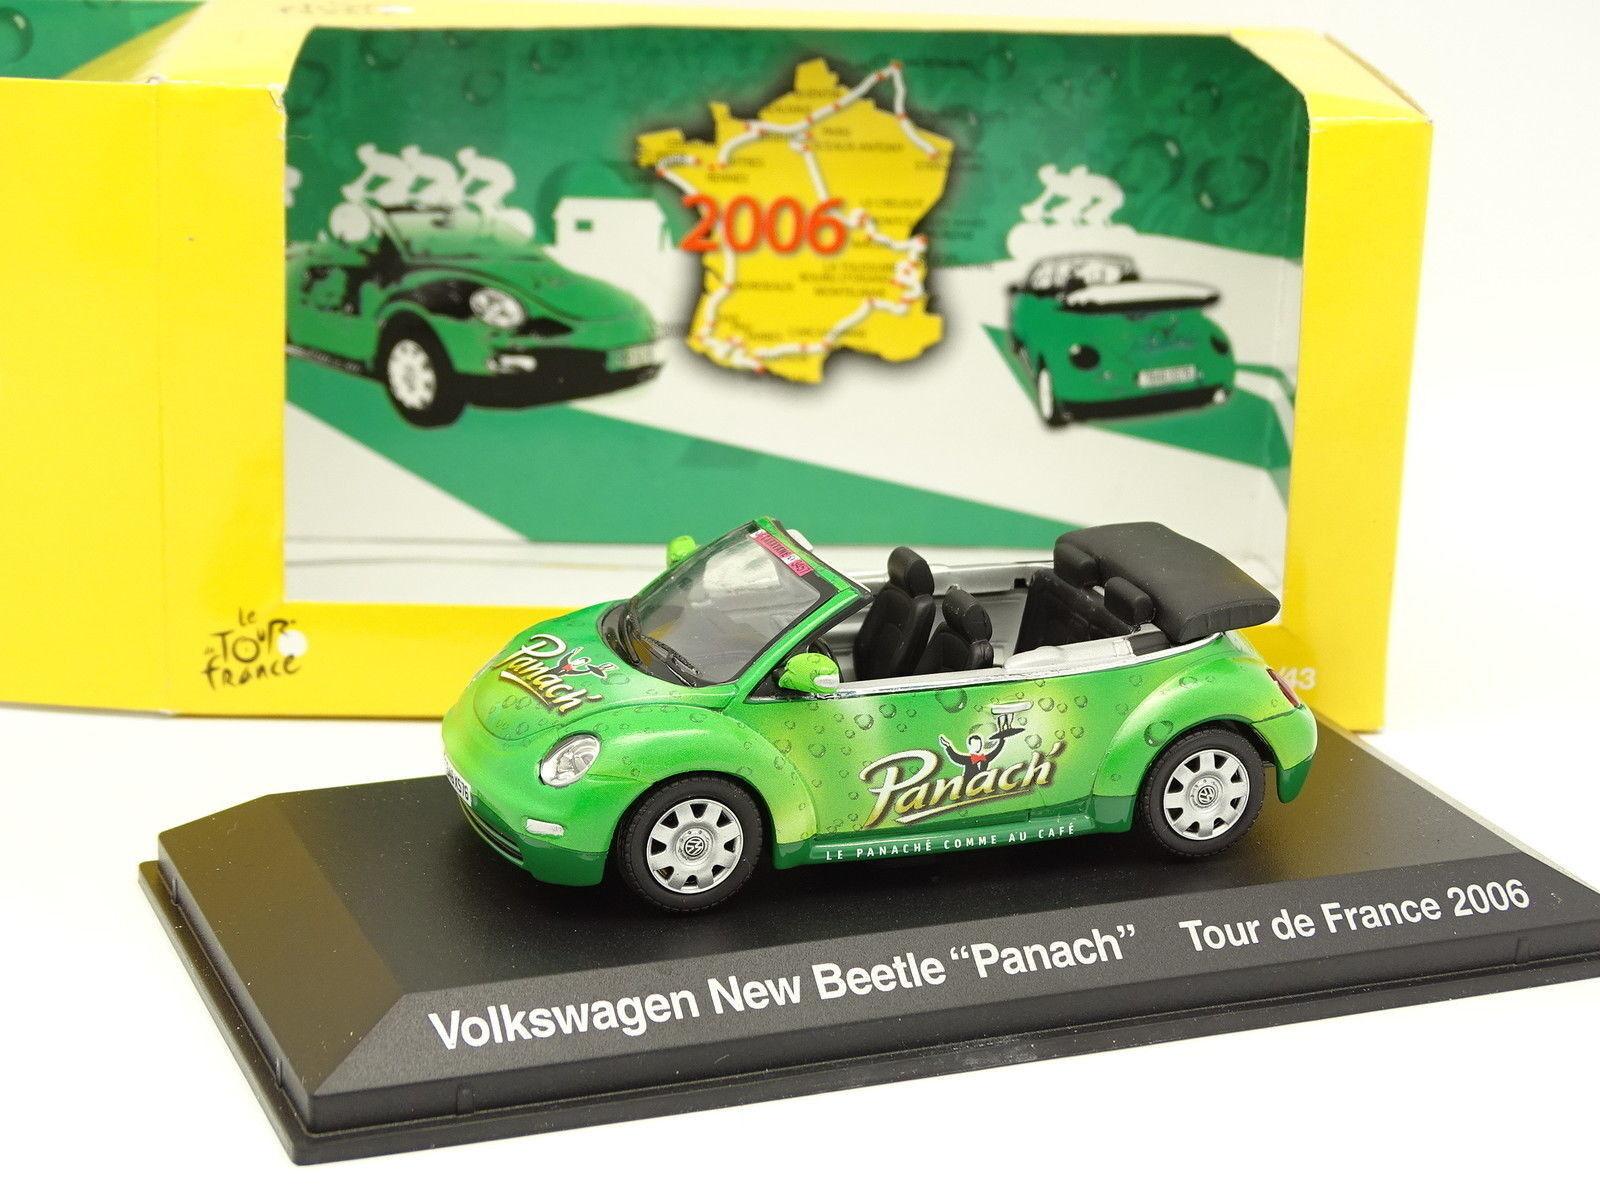 Norev 1 43 - VW New Beetle Panach Tour de France 2006